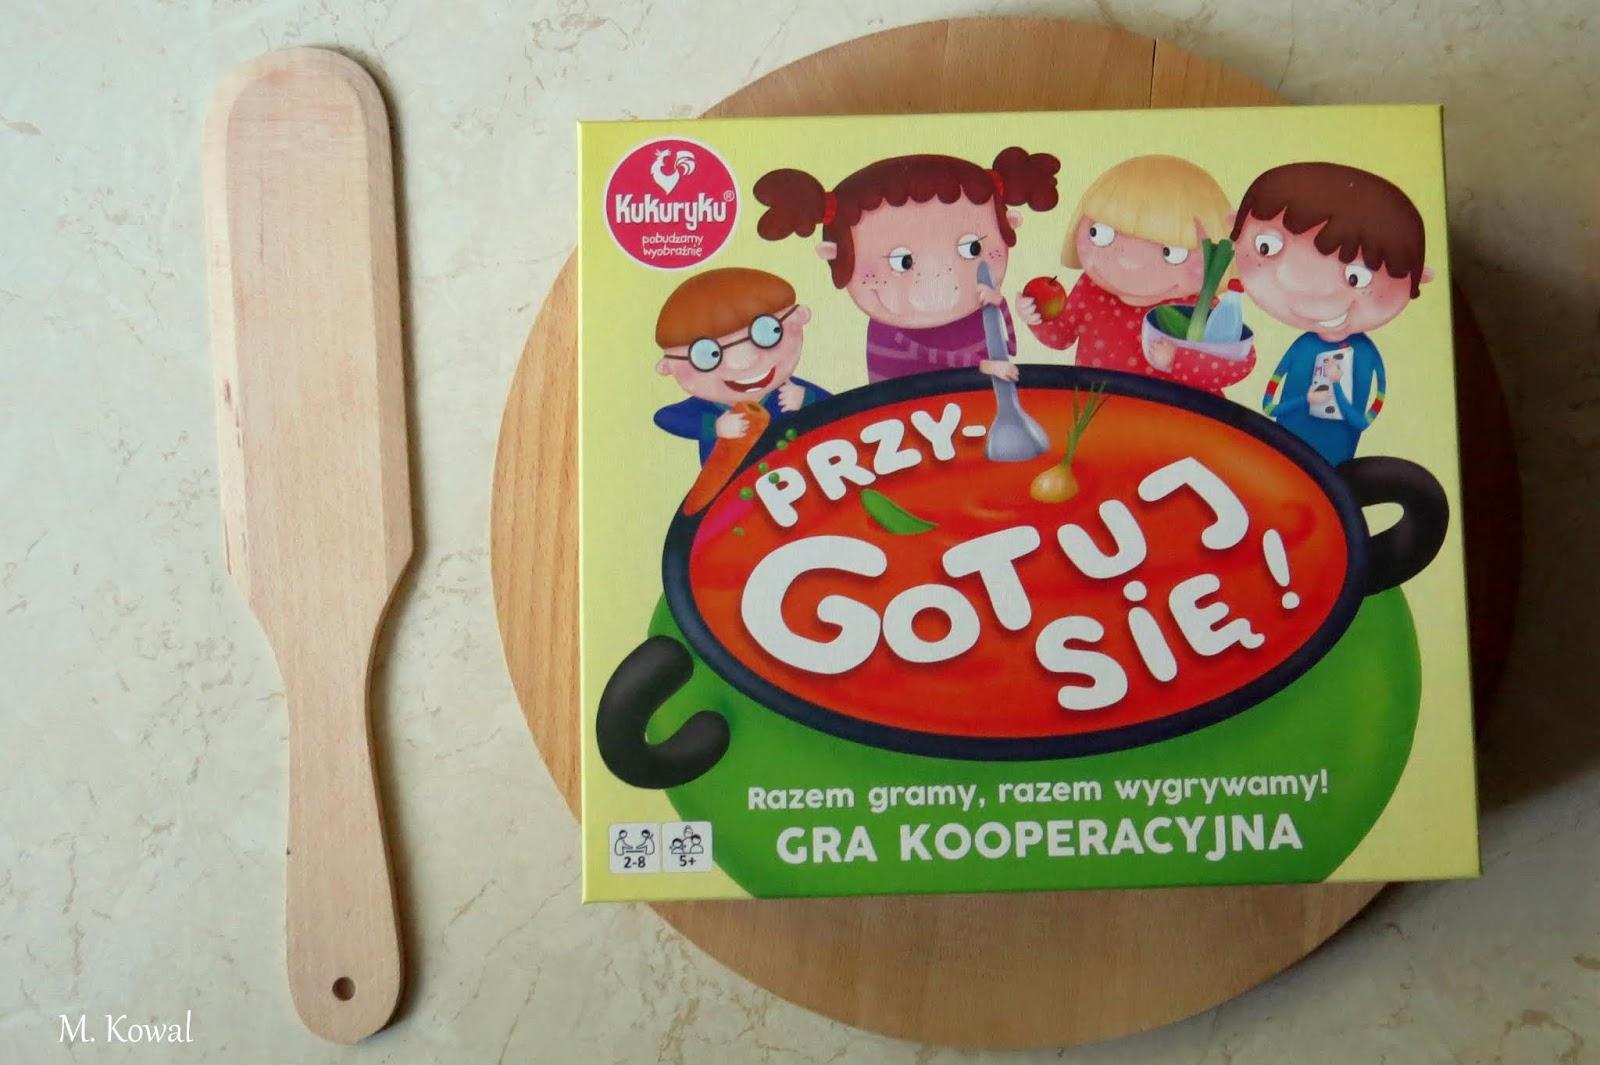 """Wspólne kucharzenie, czyli """"Przygotuj się"""" od wydawnictwa Kukuryku"""